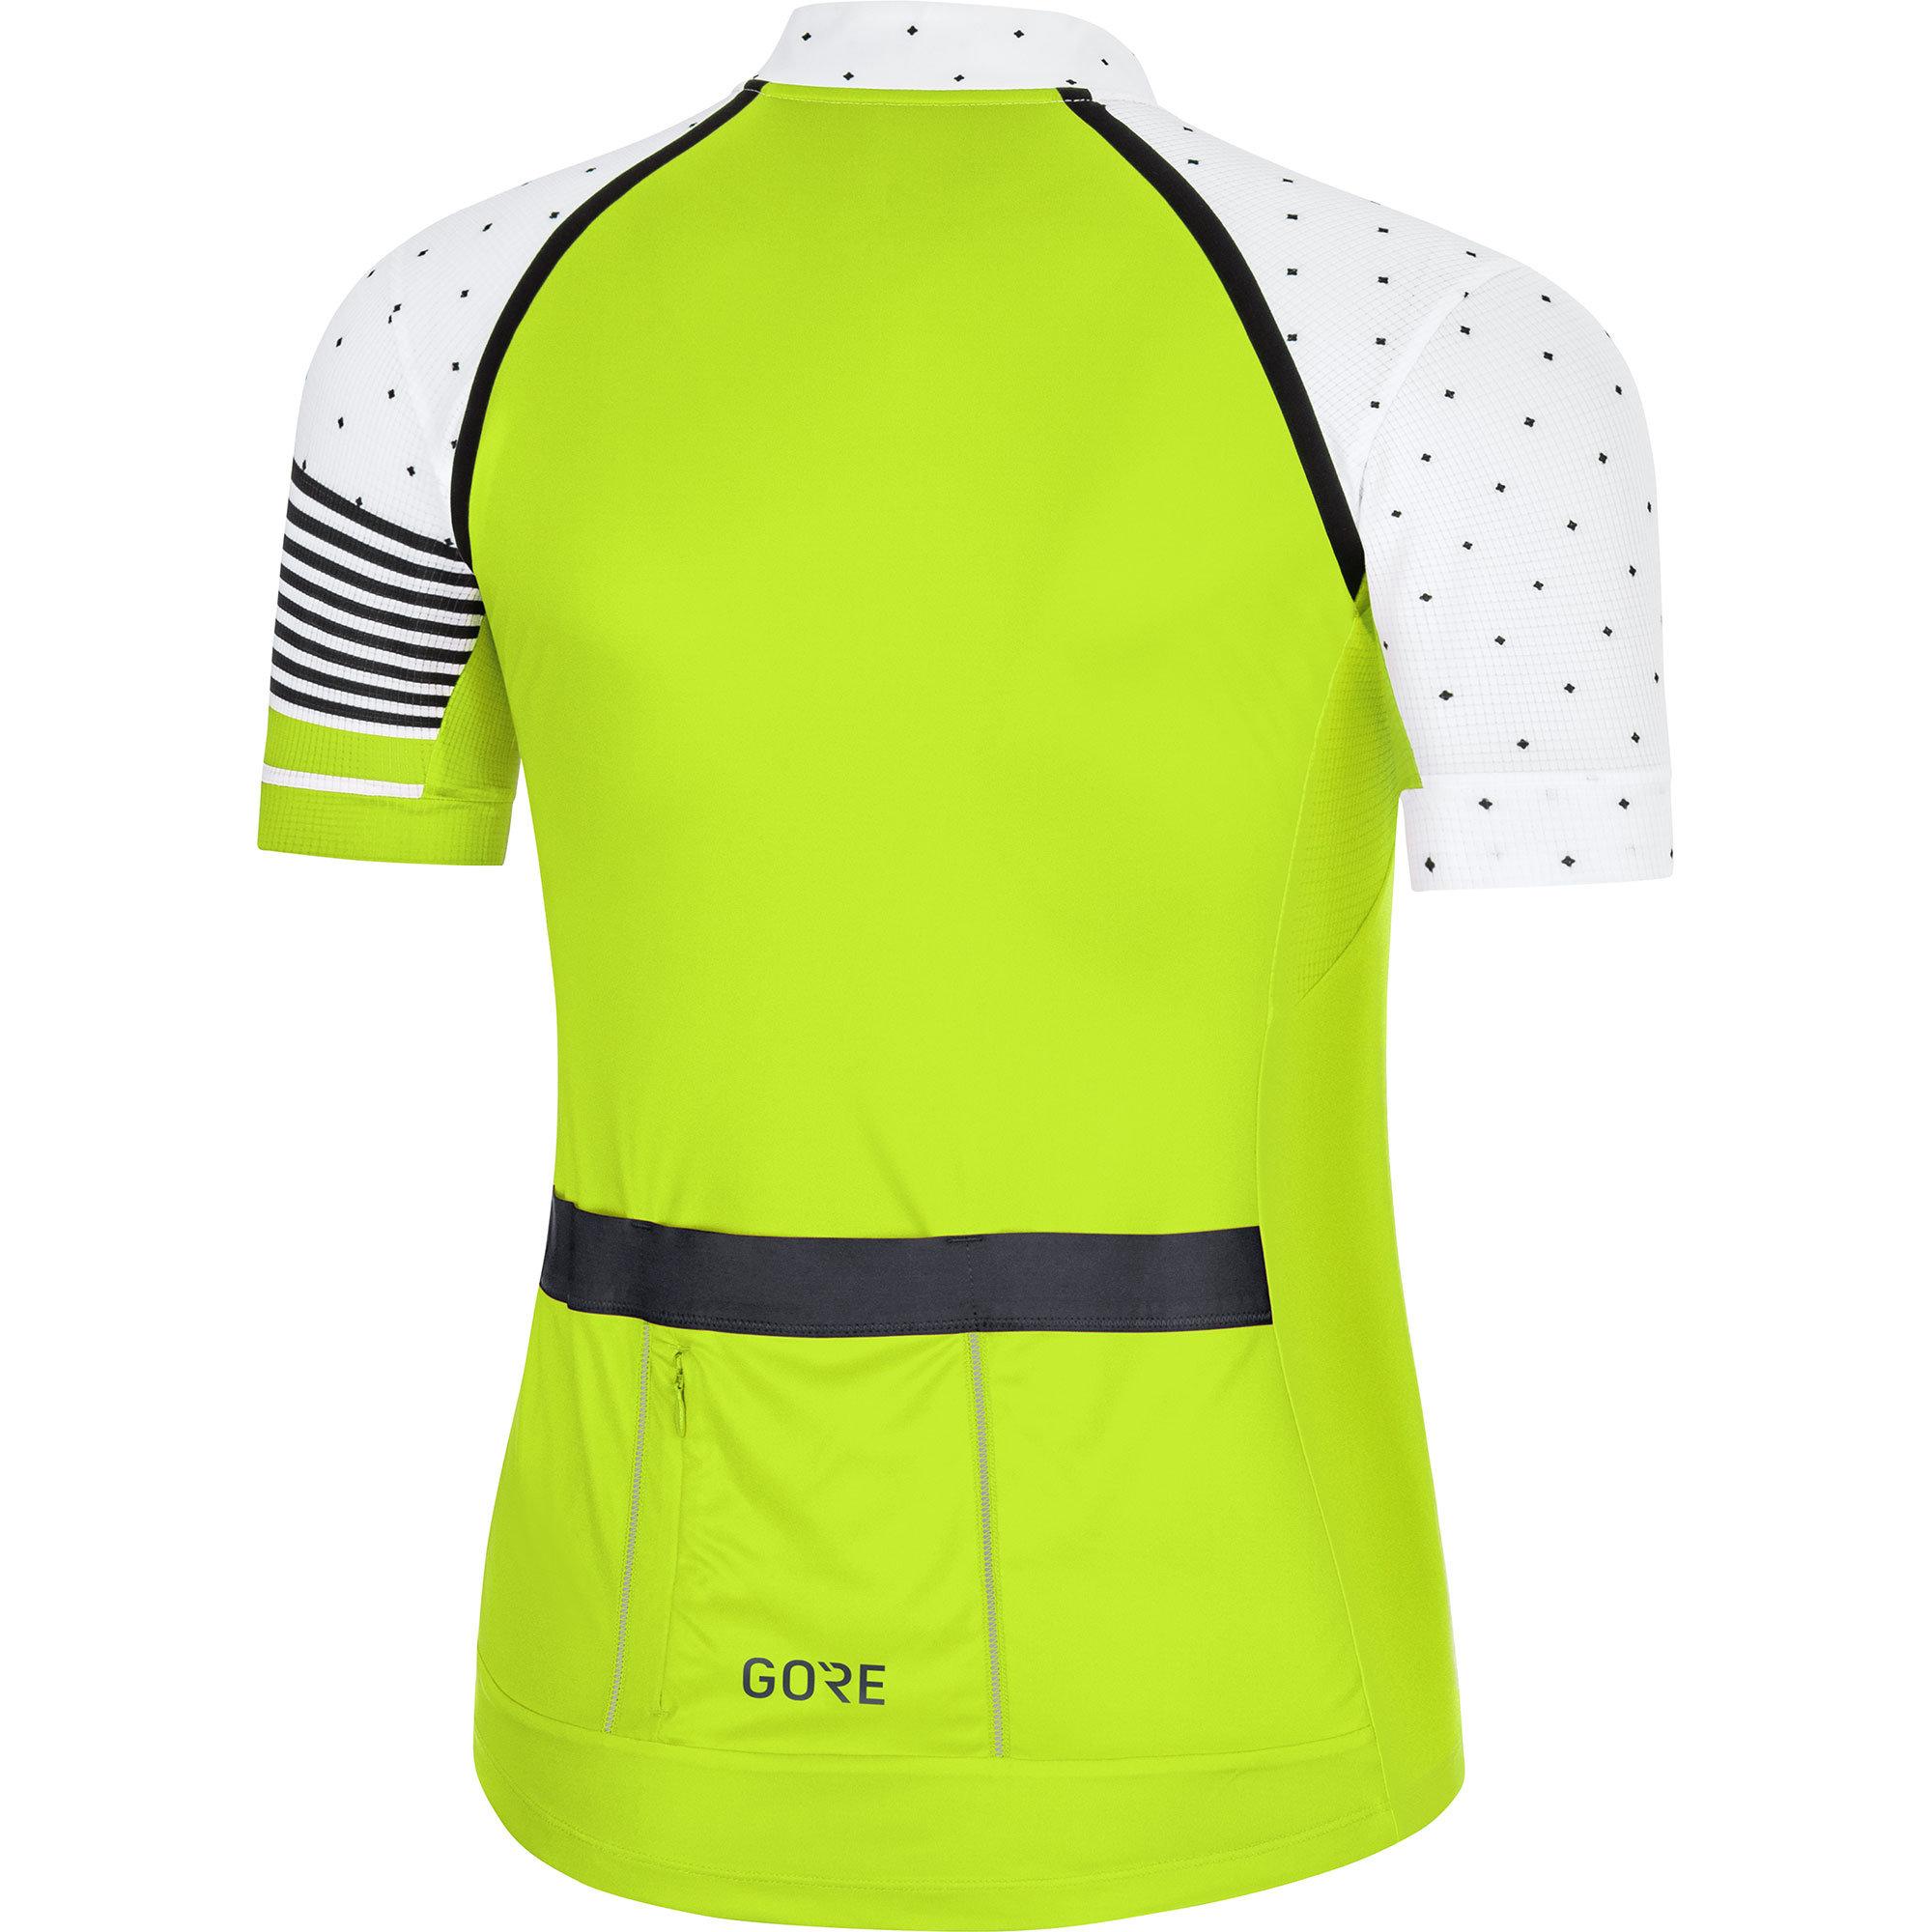 cc jersey